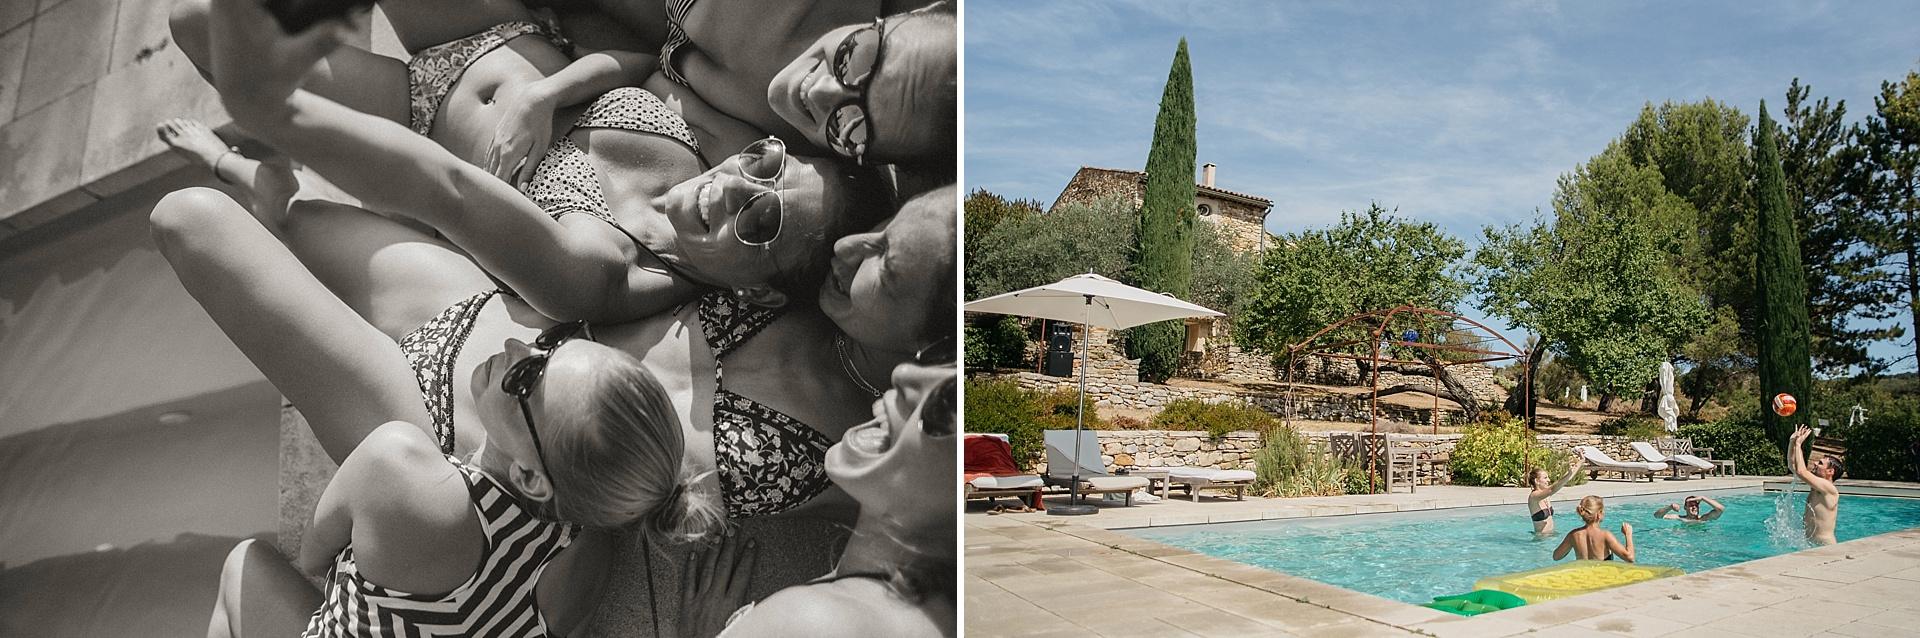 Traumhafte Hochzeit in der Provence. Best Friends. Pool time.